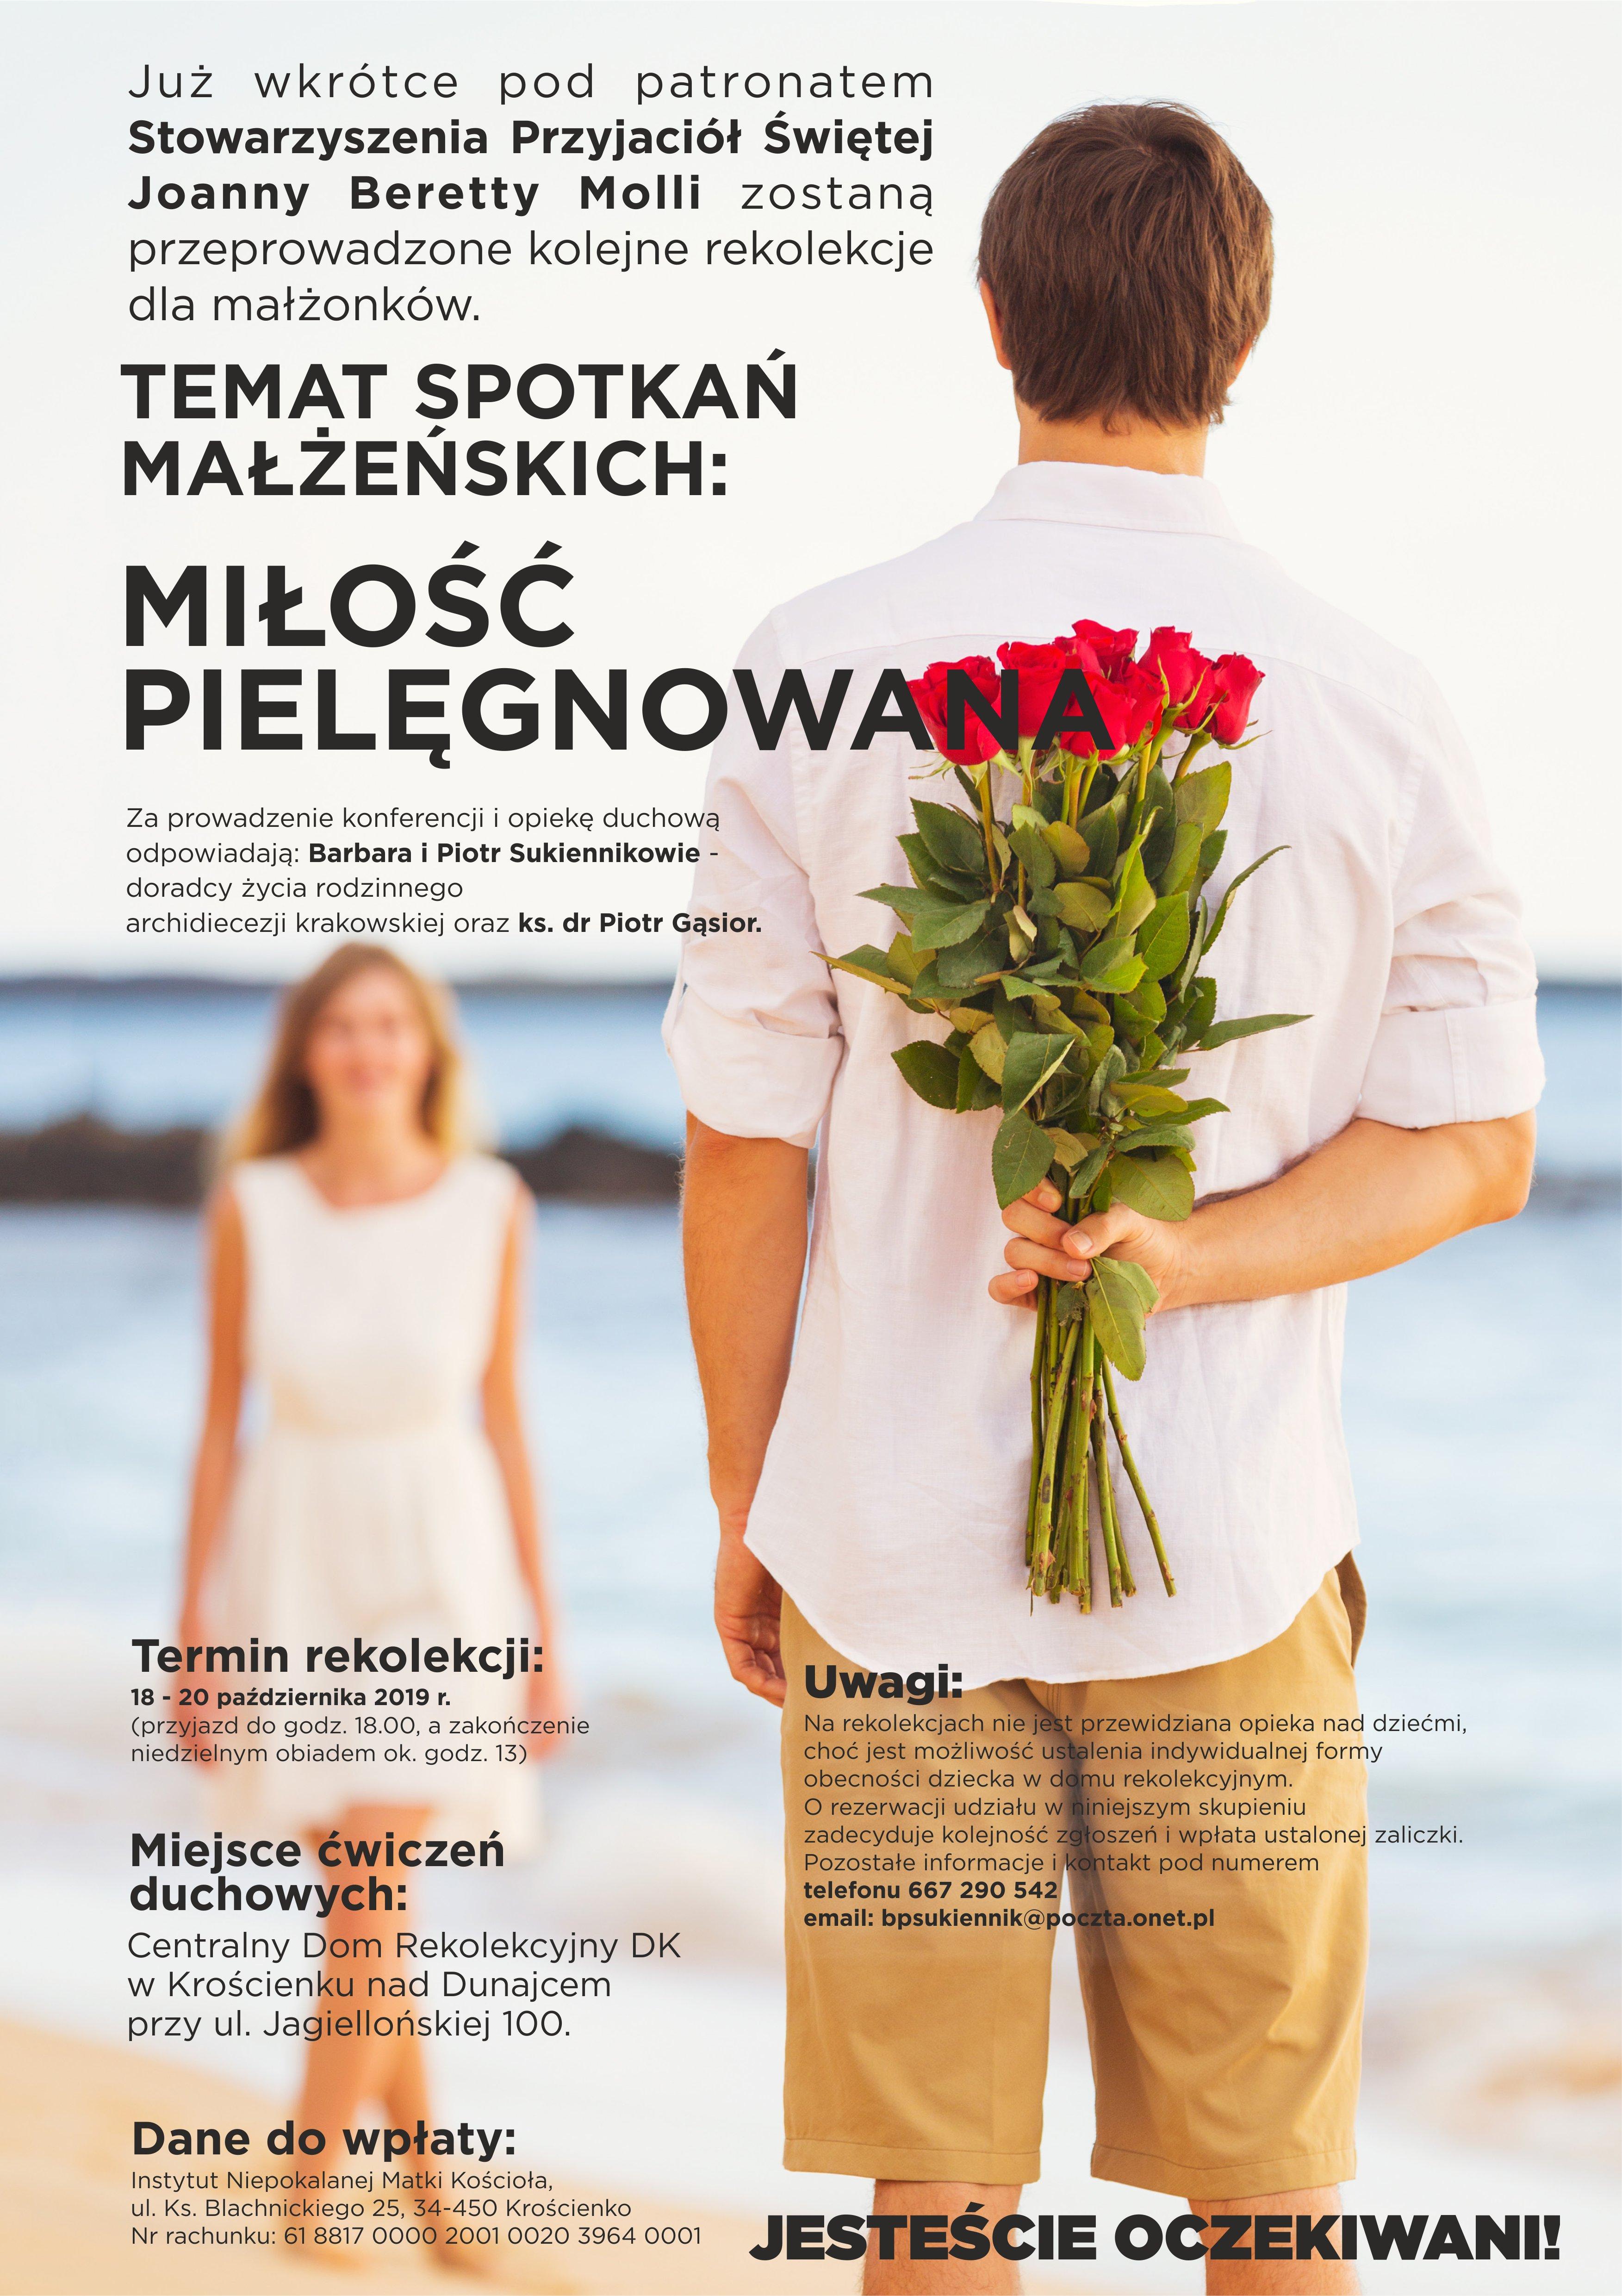 Rekolekcje dla małżonków – Miłość pielęgnowana